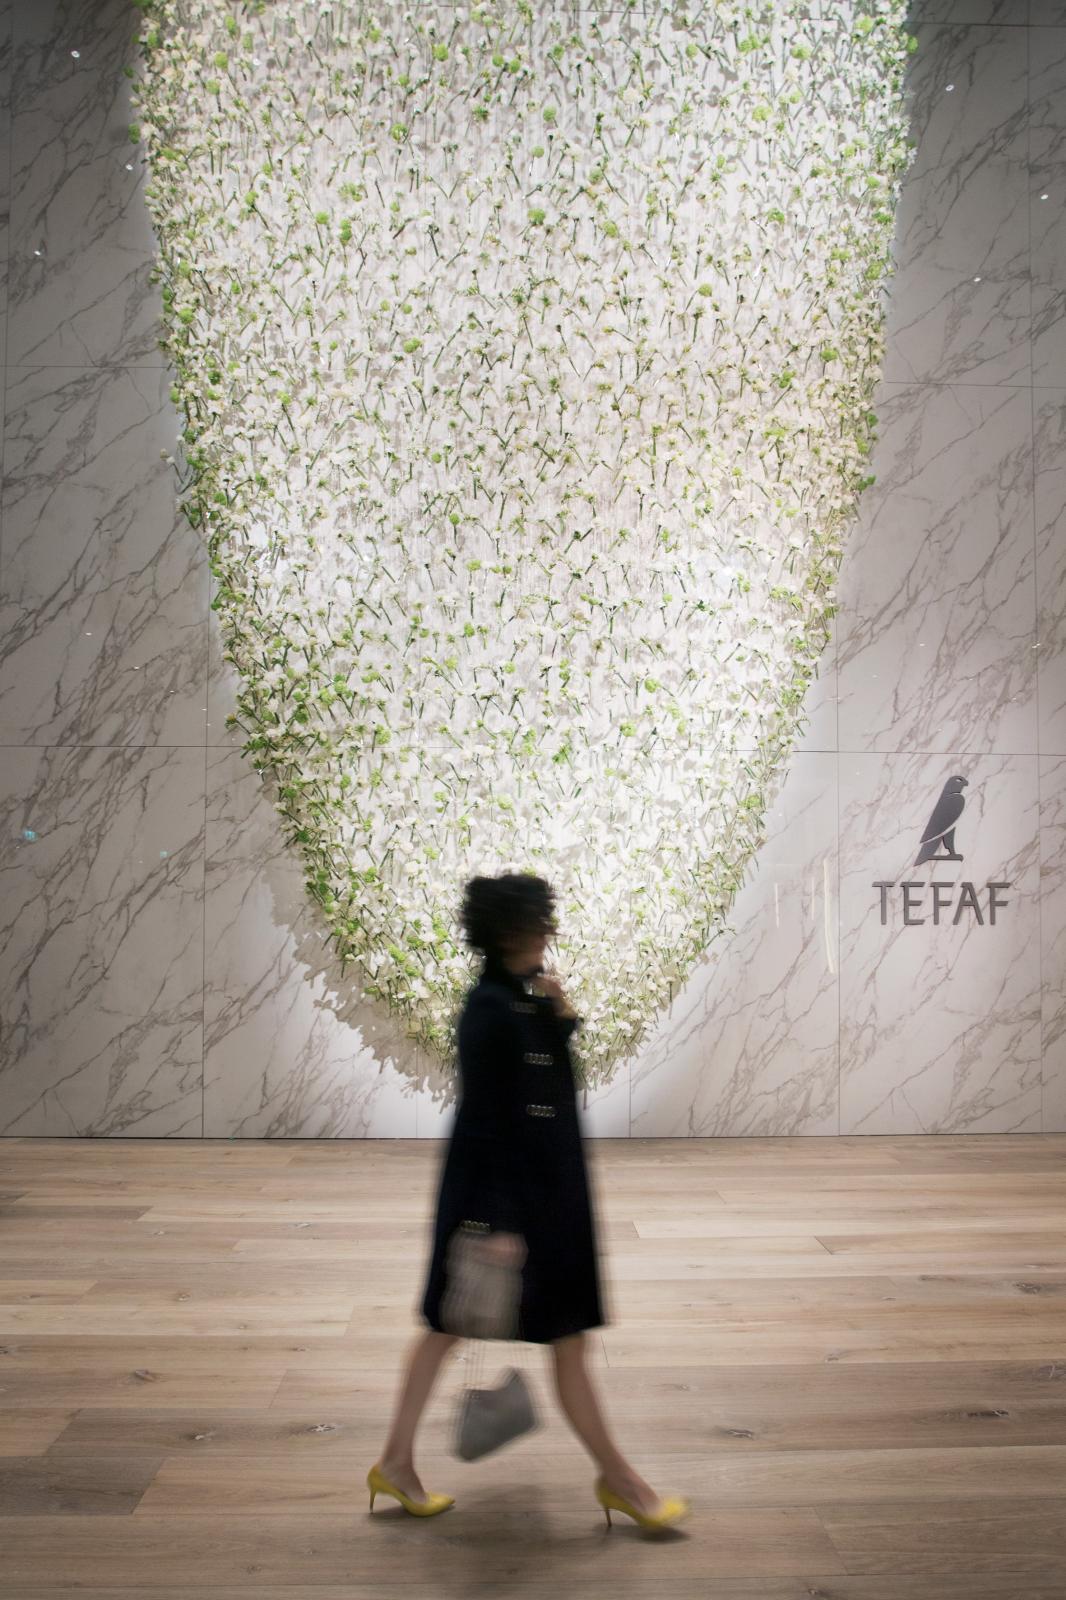 La Tefaf attire chaque année à Maastricht le nec plus ultra du marché de l'art. Avec l'aimable autorisation de Tefaf -Photo Loraine Bodewes